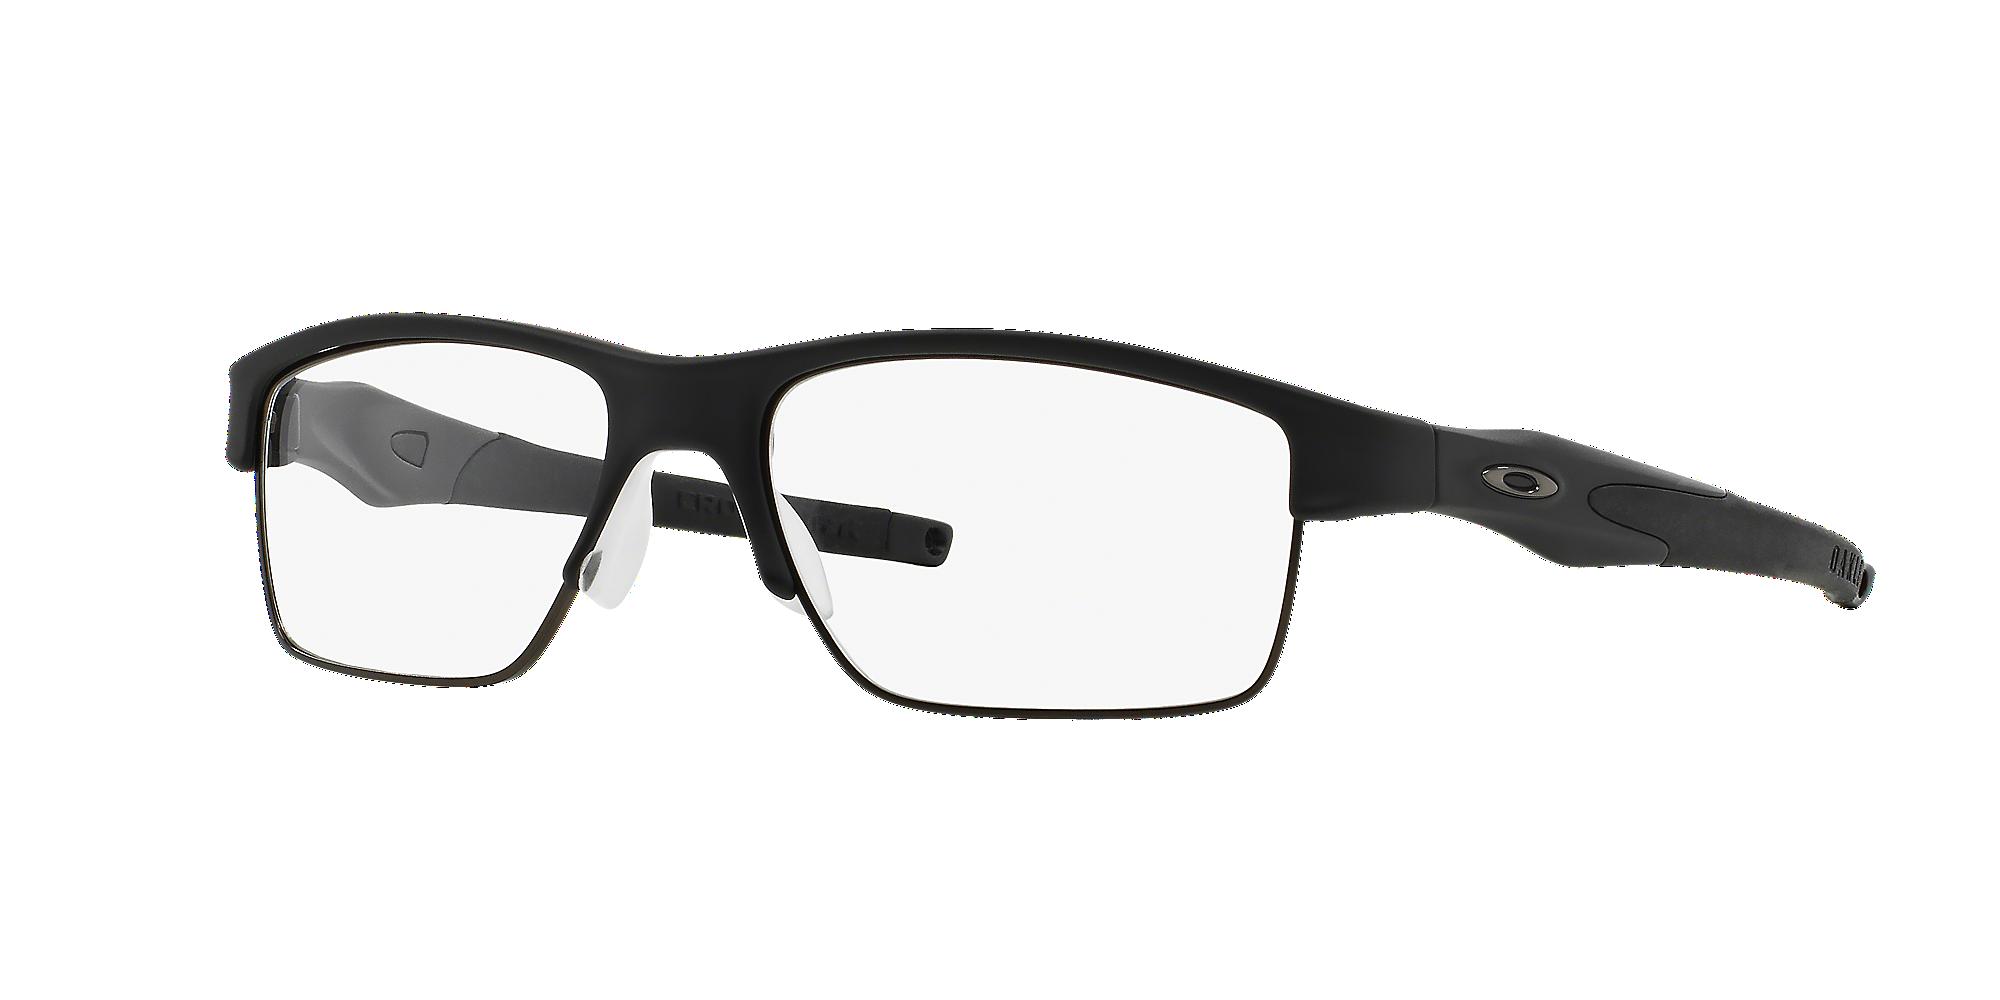 oakley crosshgenuine oakley sunglasses evzk  OAKLEY OX3128-153 CROSSLINK SWITCH FRAMES